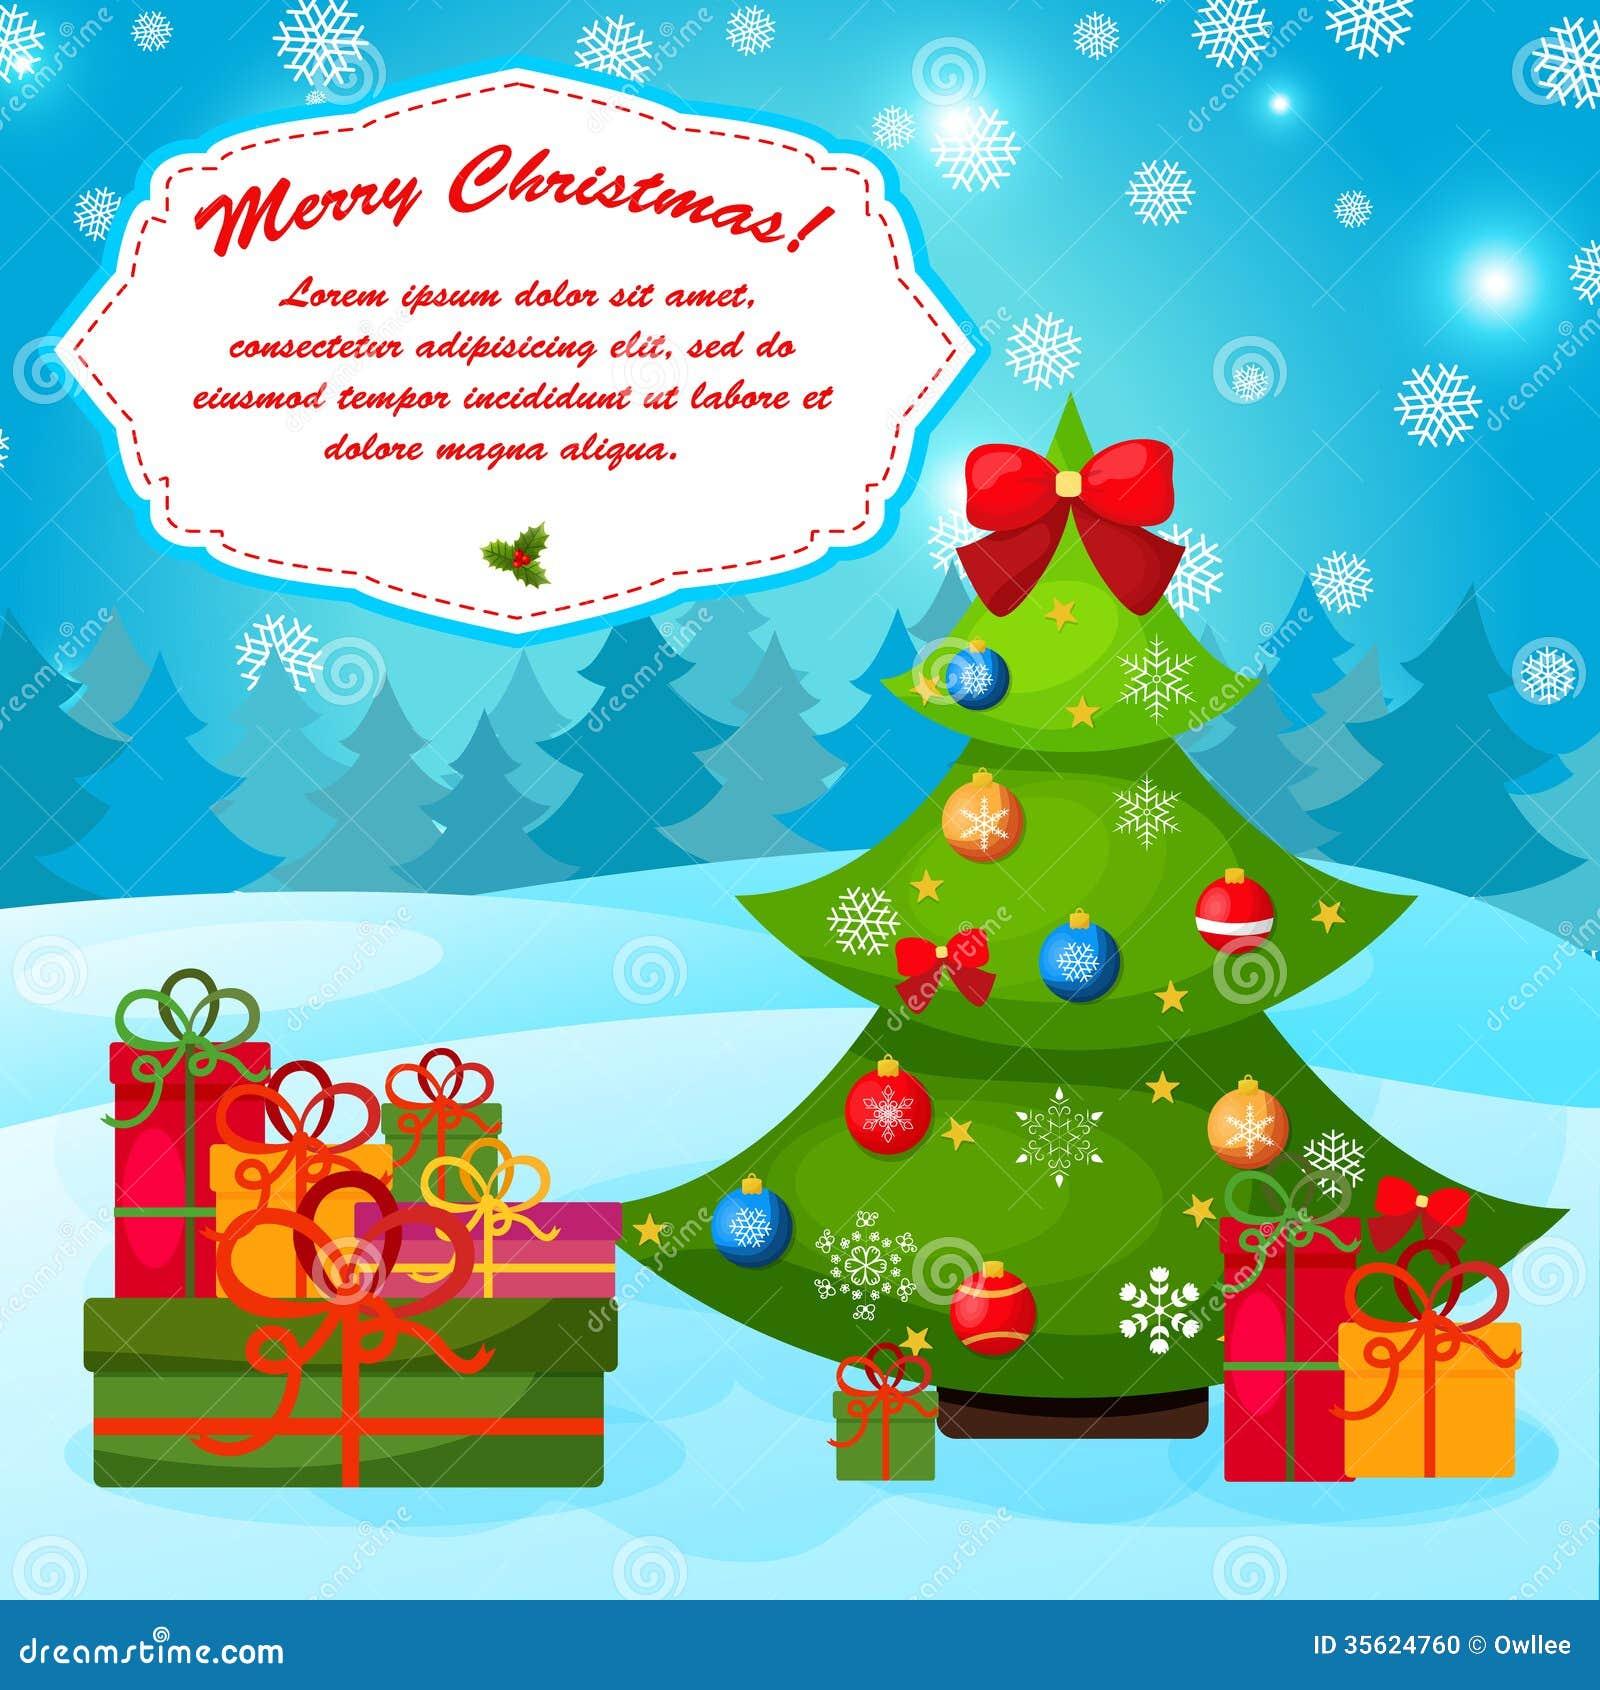 Gutschein Weihnachtsbaum.Weihnachtsgruß Oder Gutschein Mit Weihnachtsbaum Vektor Abbildung